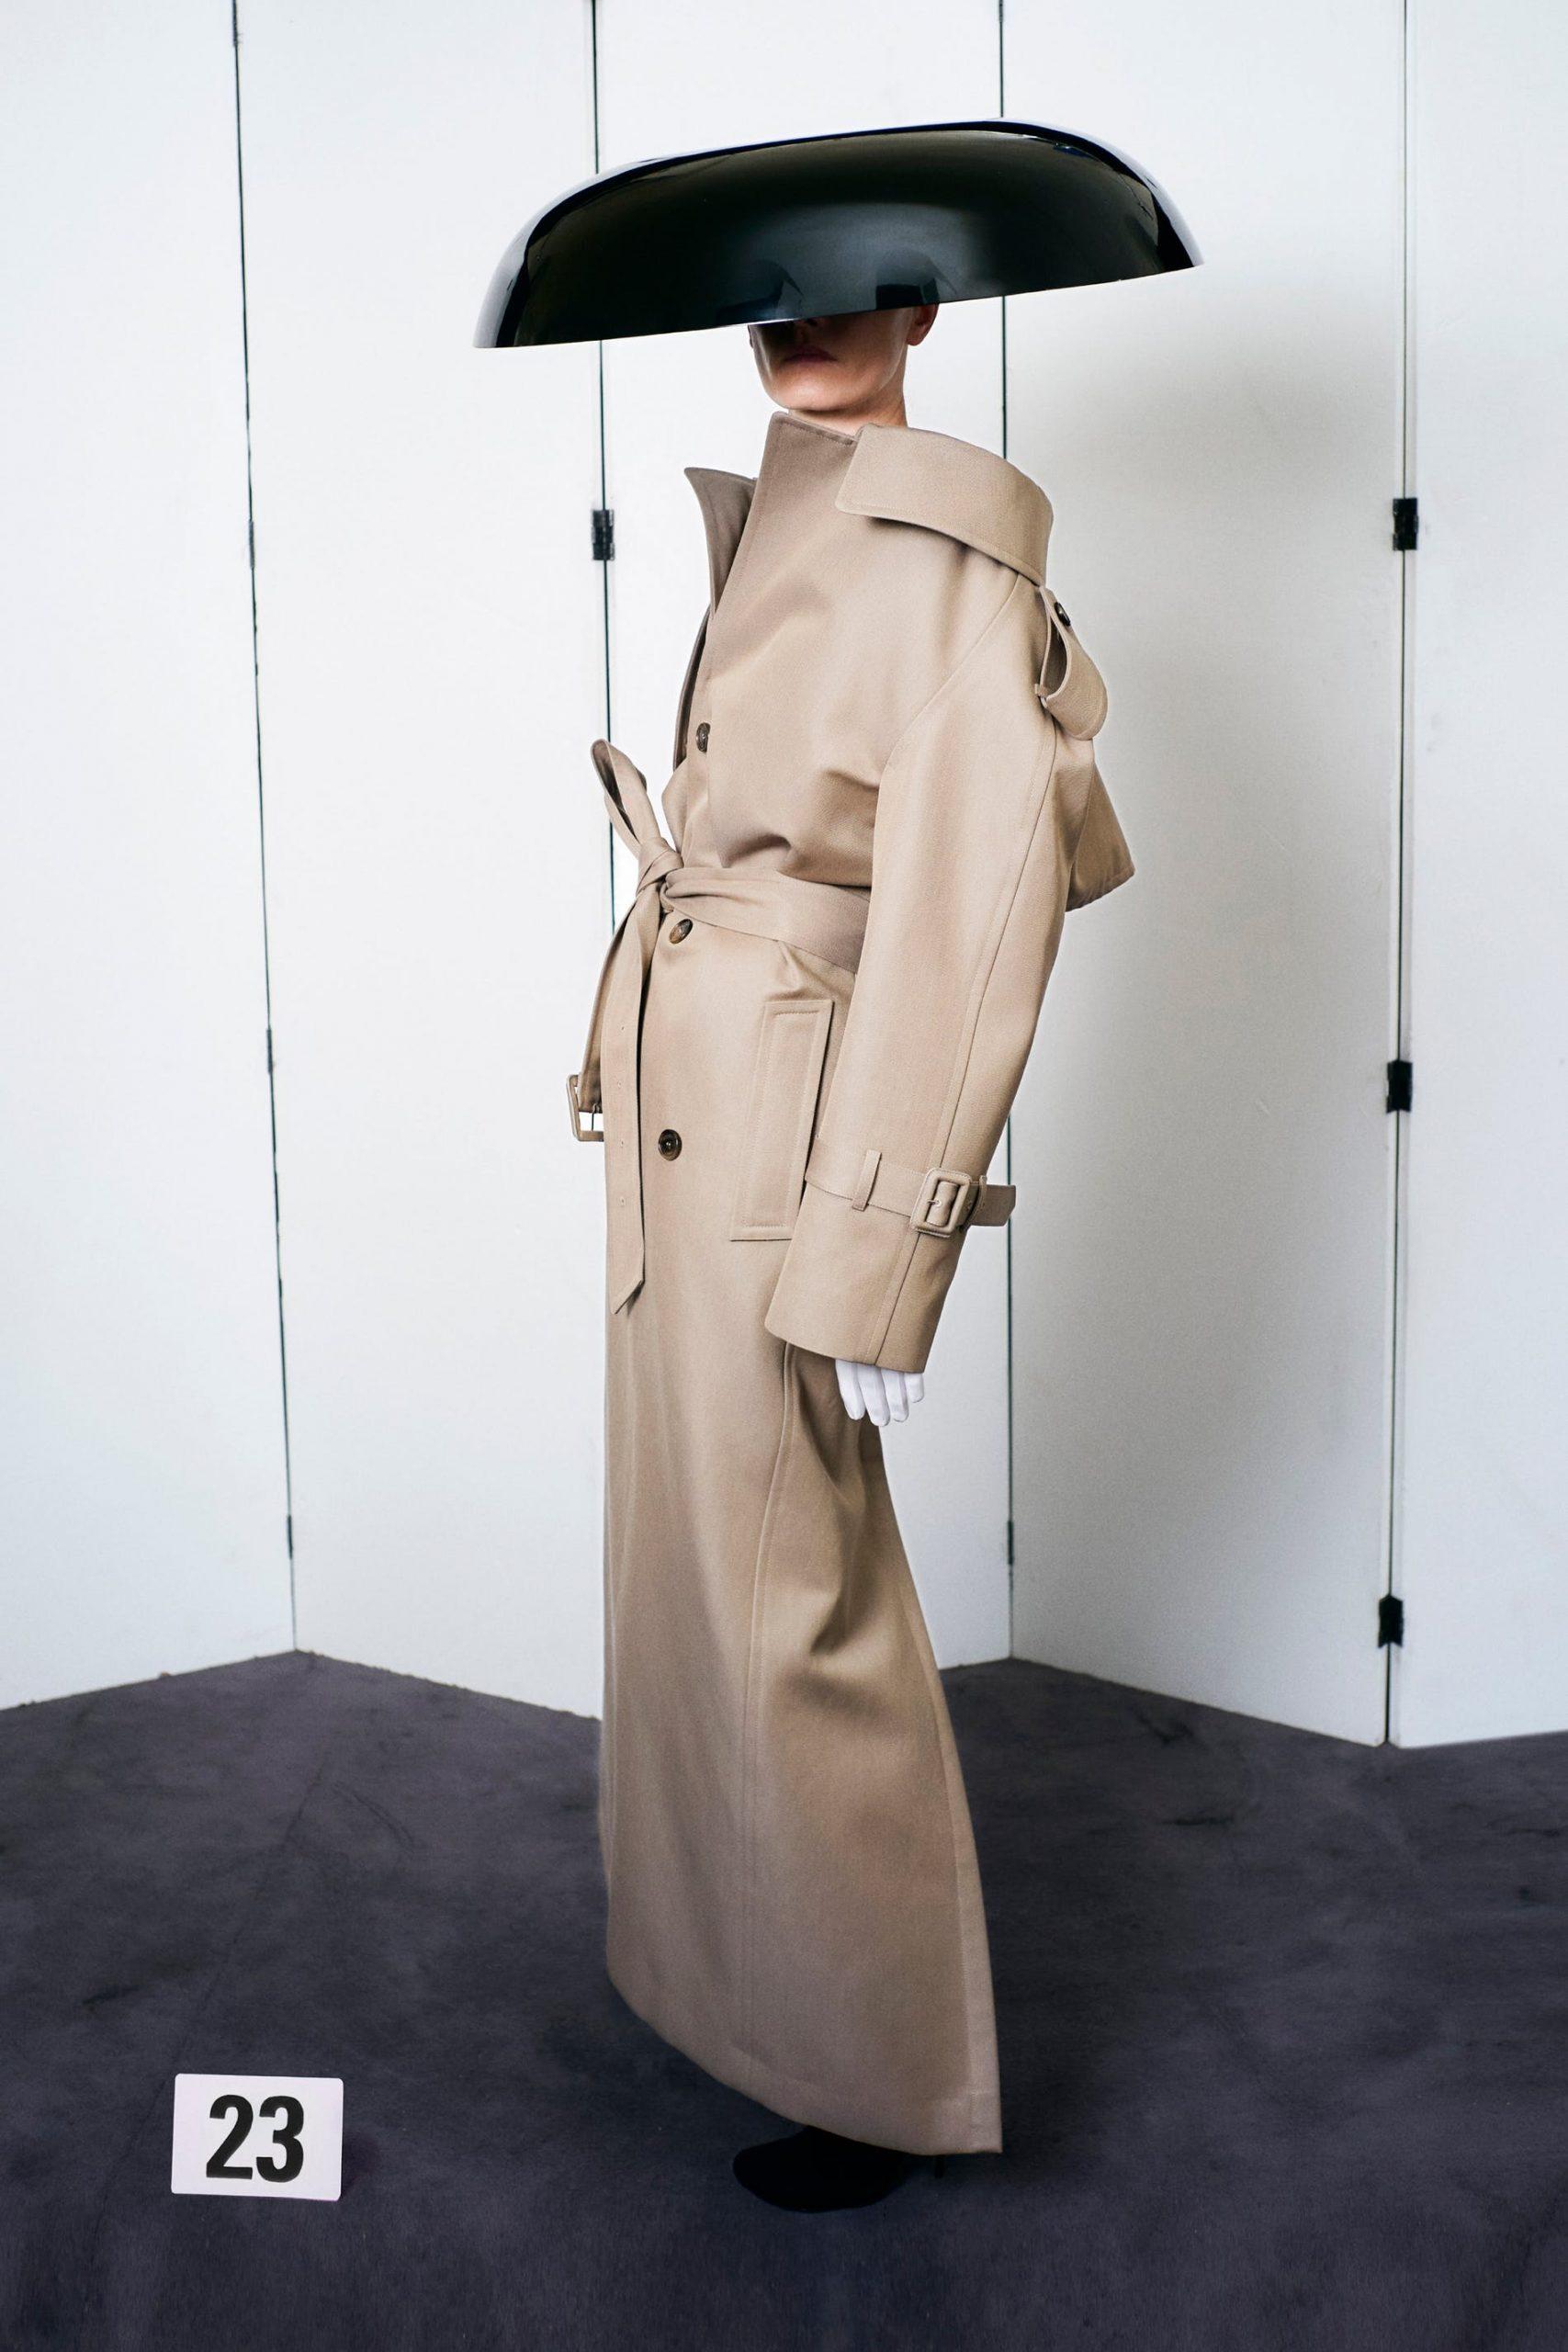 Bộ sưu tập của Balenciaga có 63 mẫu thời trang cao cấp lộng lẫy